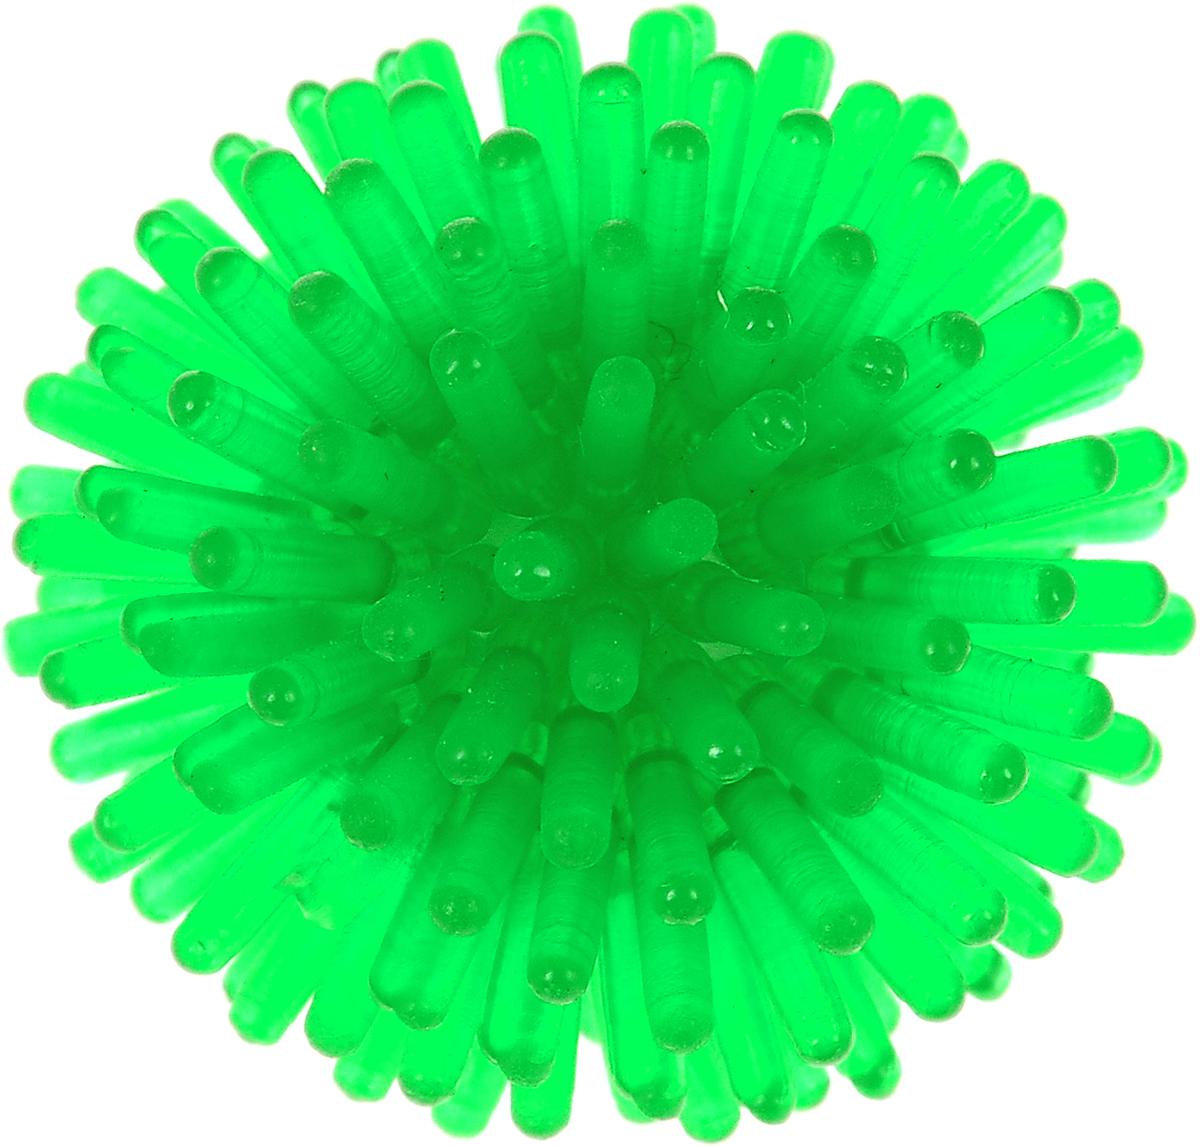 Игрушка для животных Каскад Мячик-шуршик, цвет: зеленый, диаметр 3,6 см игрушки для животных zoobaloo игрушка для кошки бамбук меховой мячик на резинке 60см